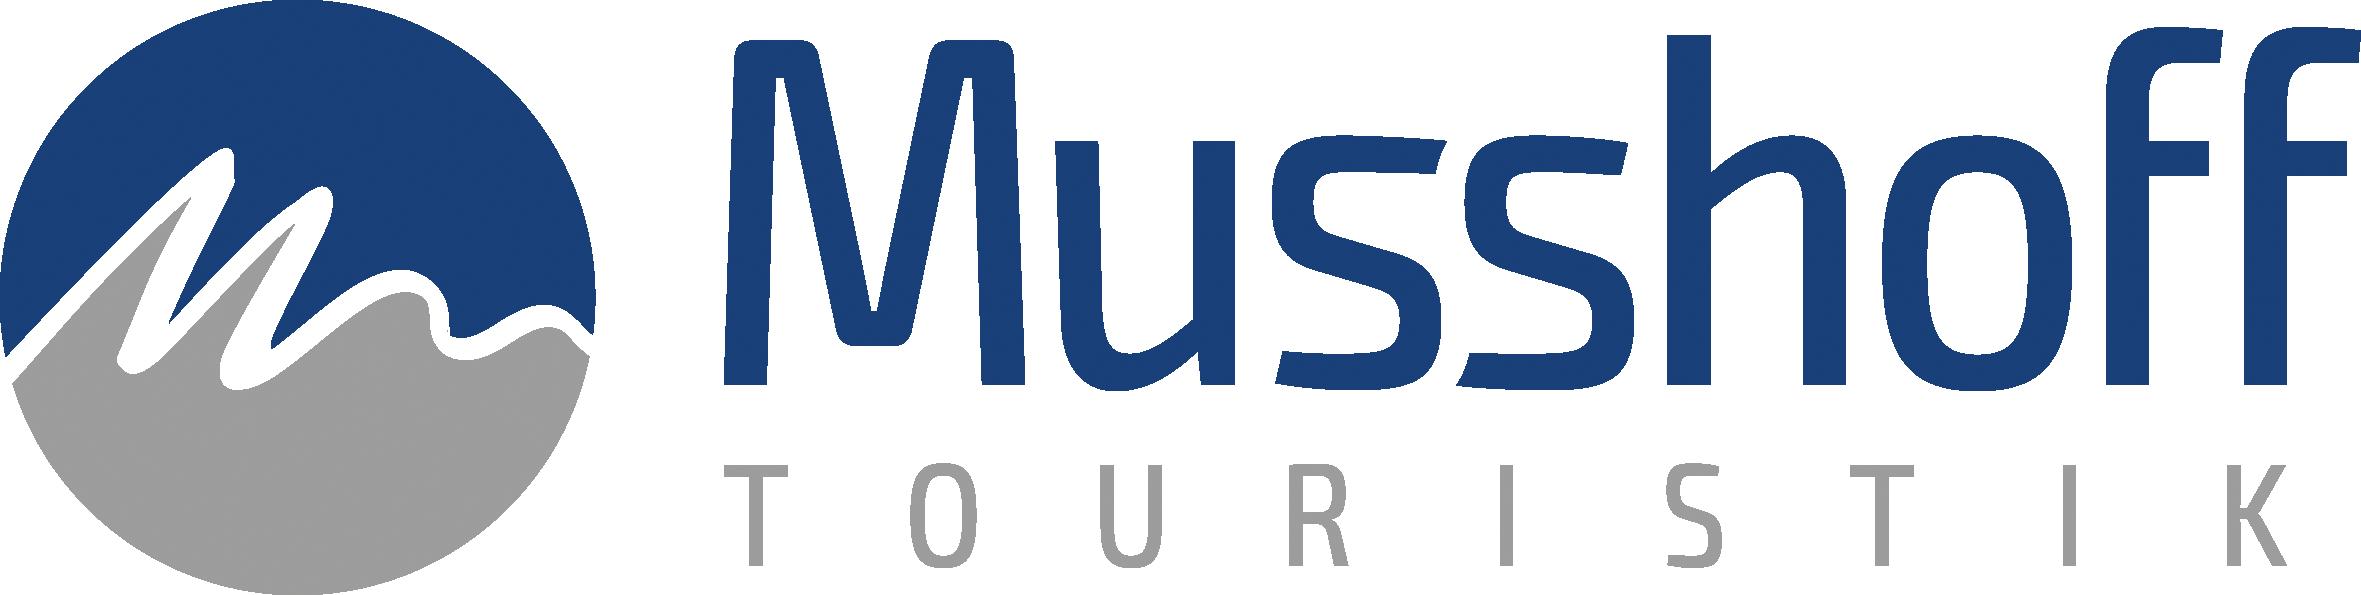 Musshoff Lippstadt